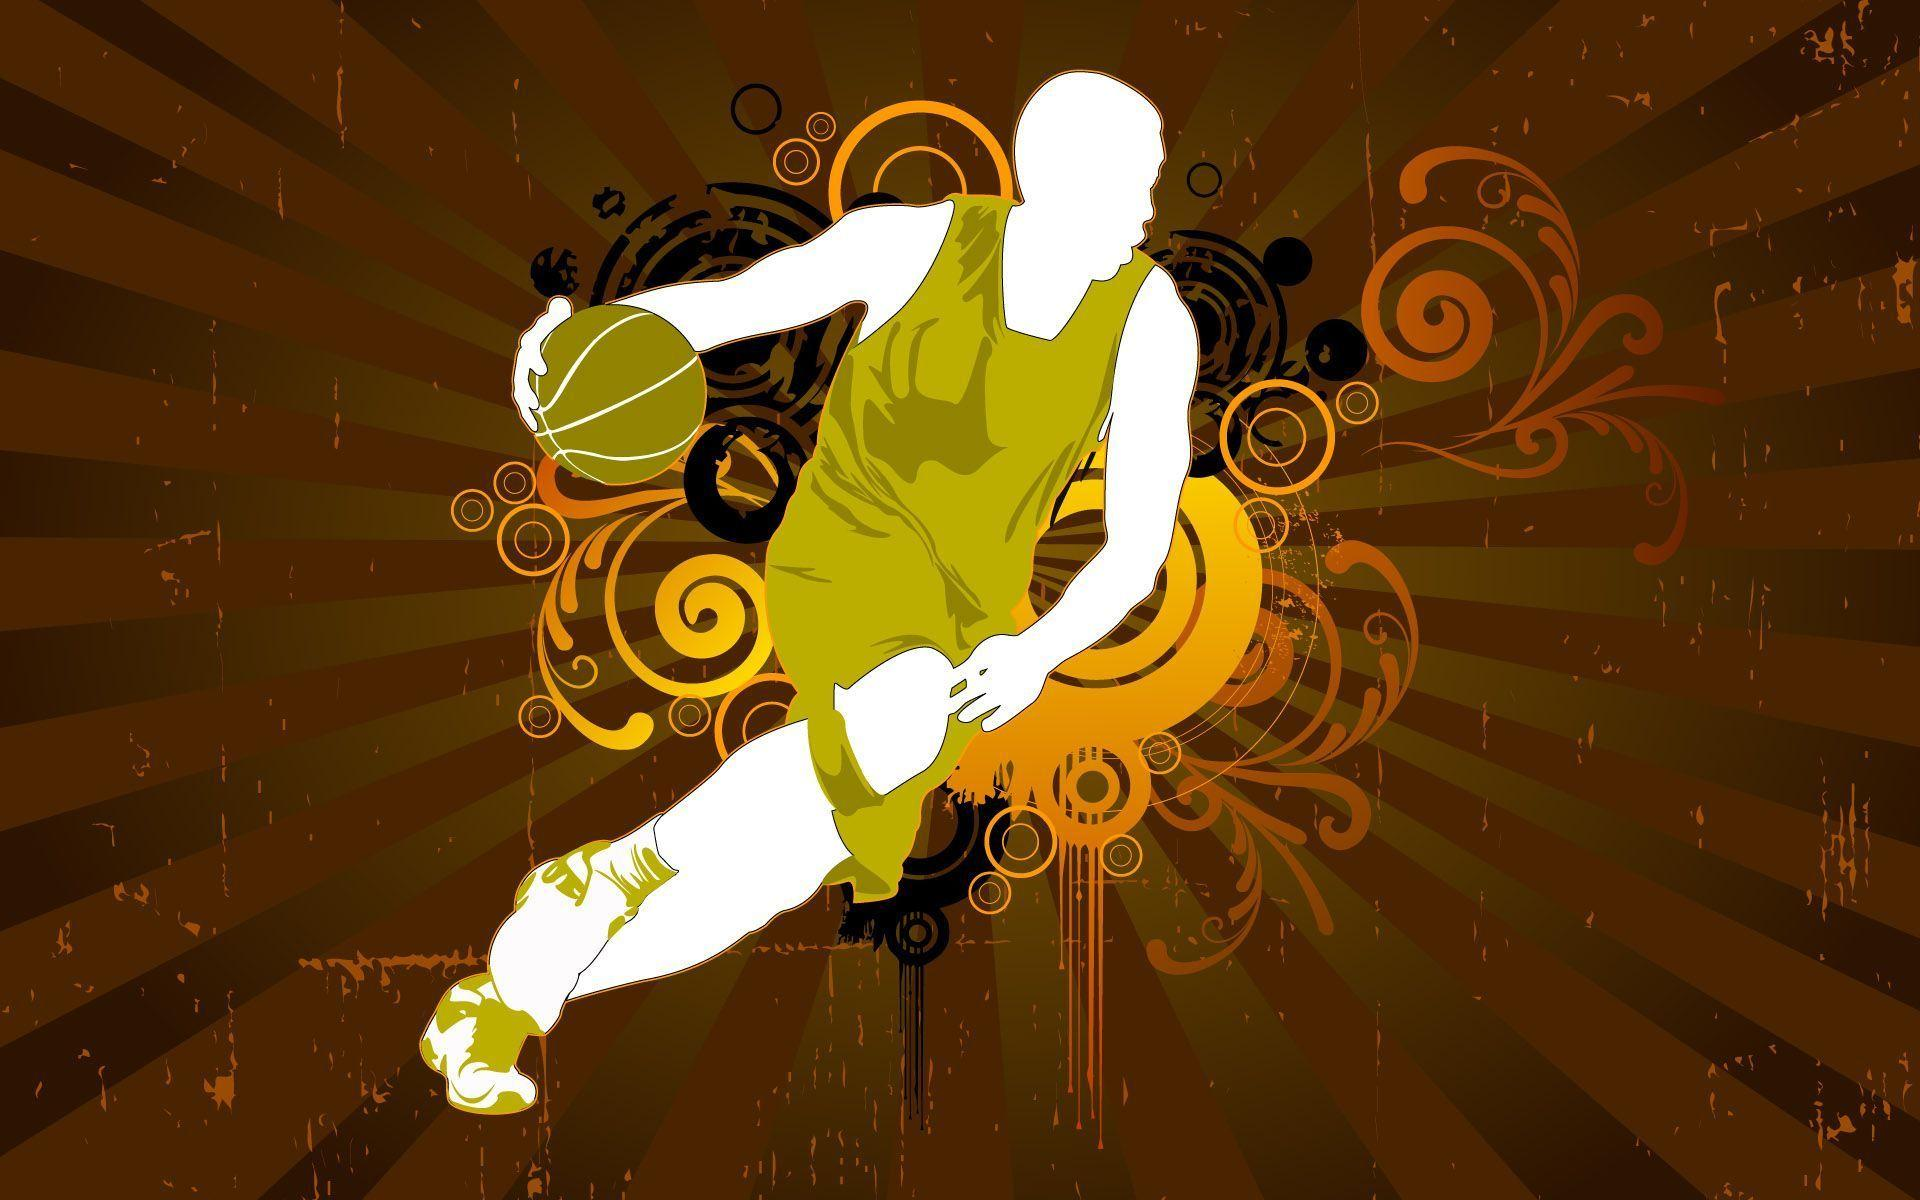 Sport Wallpaper Basketball: HD Basketball Wallpapers